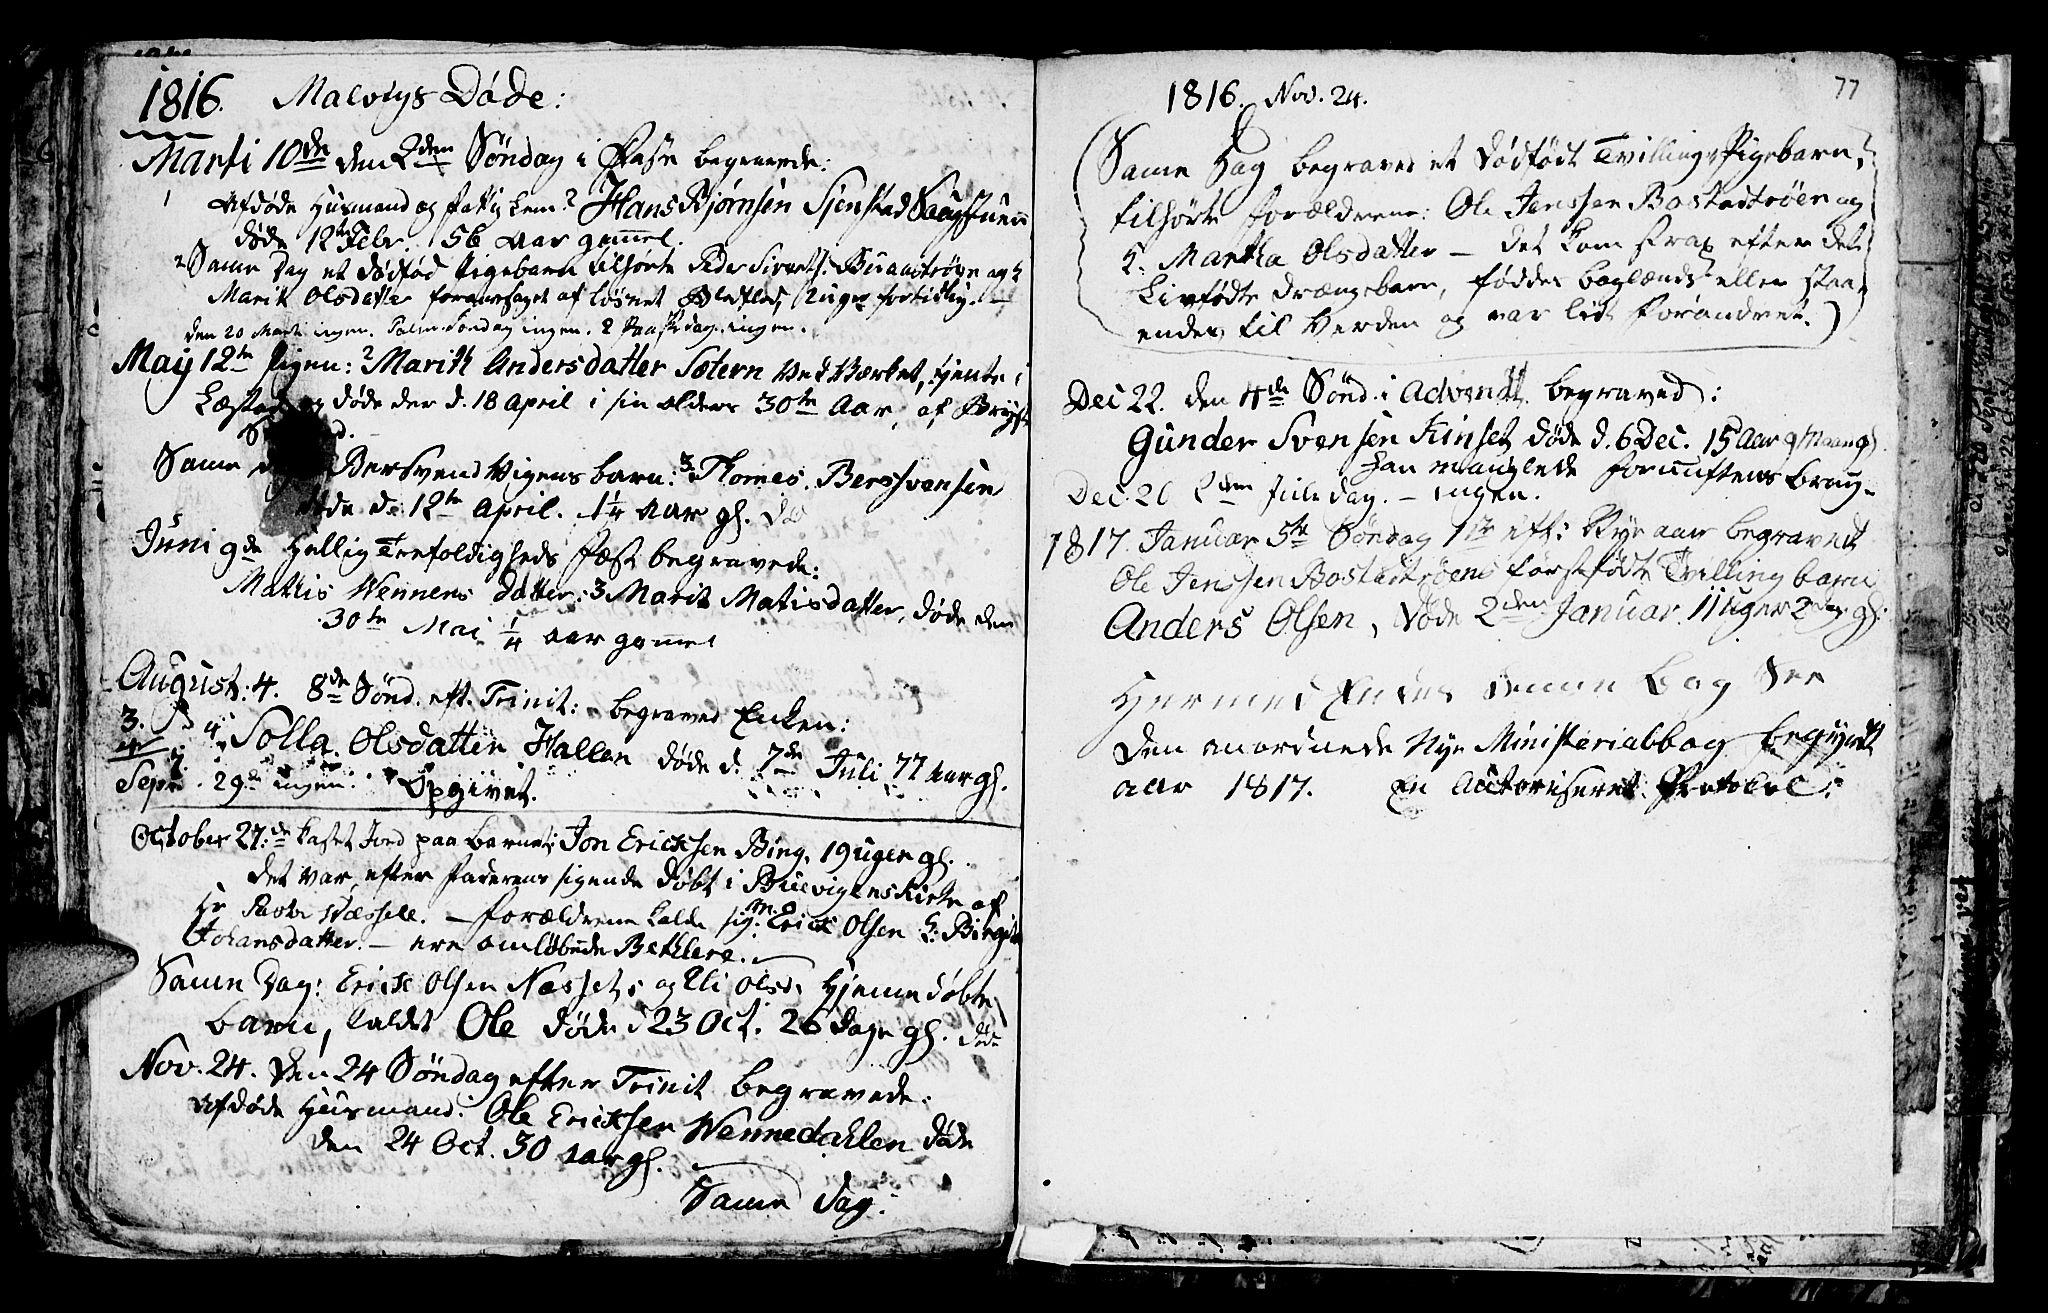 SAT, Ministerialprotokoller, klokkerbøker og fødselsregistre - Sør-Trøndelag, 616/L0419: Klokkerbok nr. 616C02, 1797-1816, s. 77